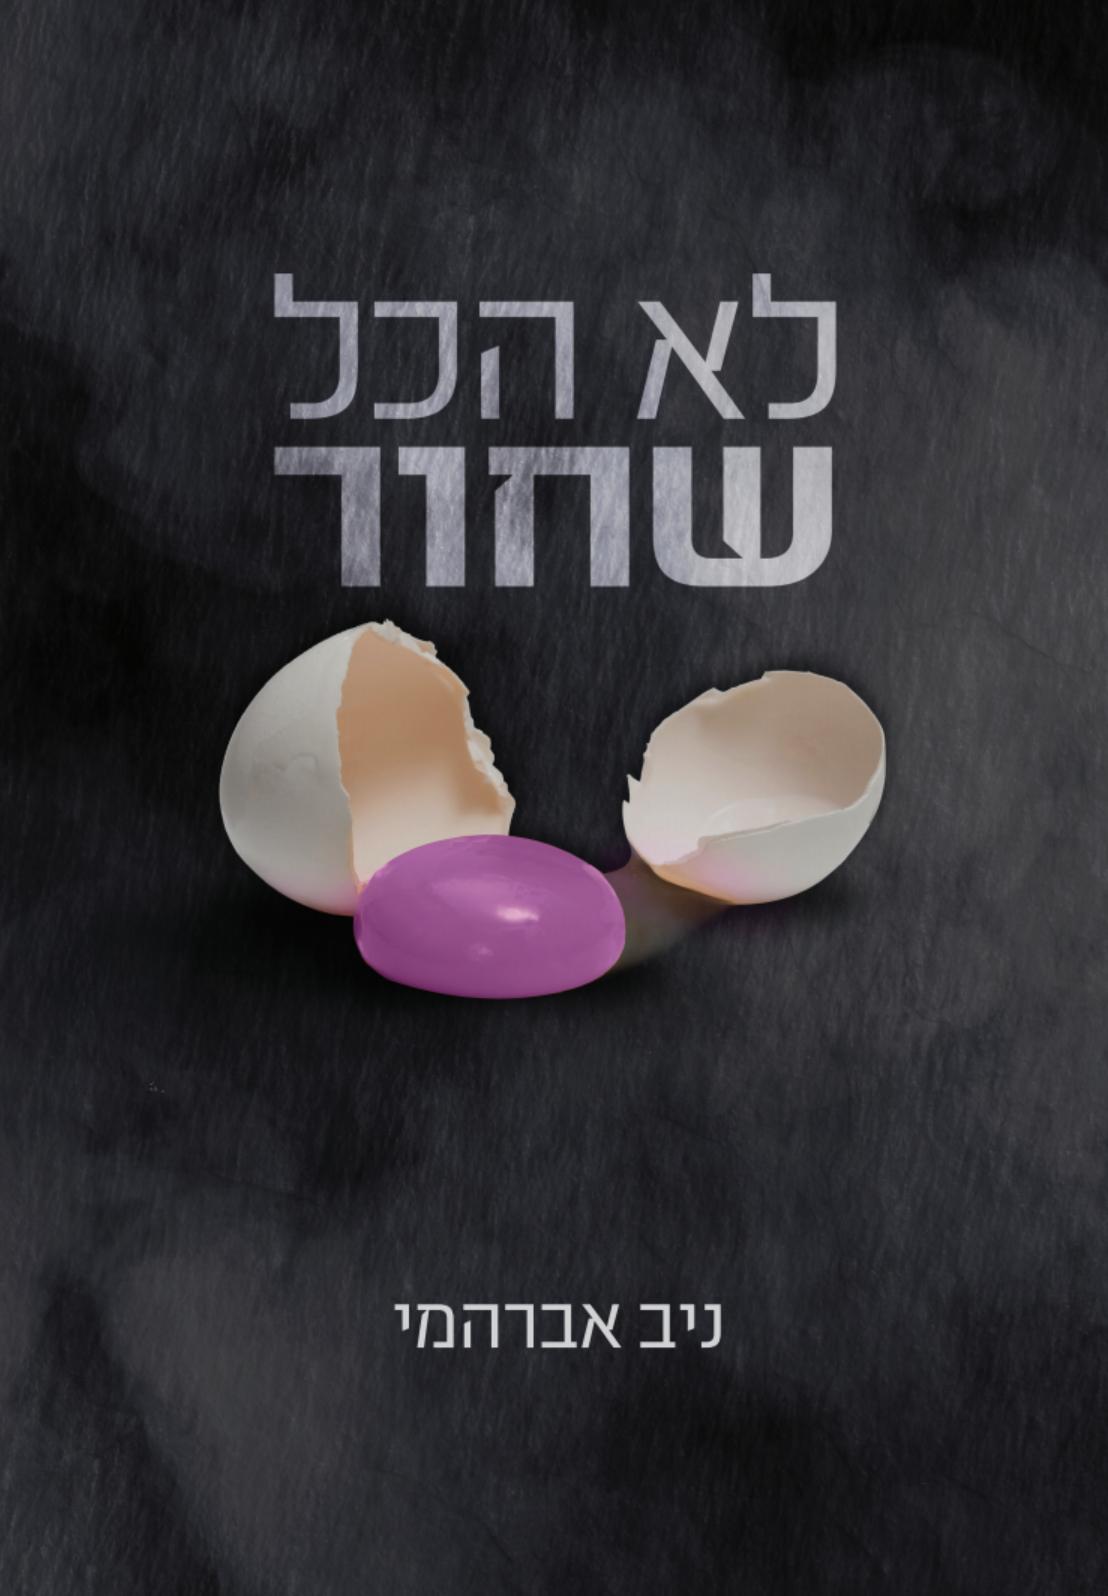 לא הכל שחור / ניב אברהמי -  ראה אור בהוצאת הספרים של סטימצקי